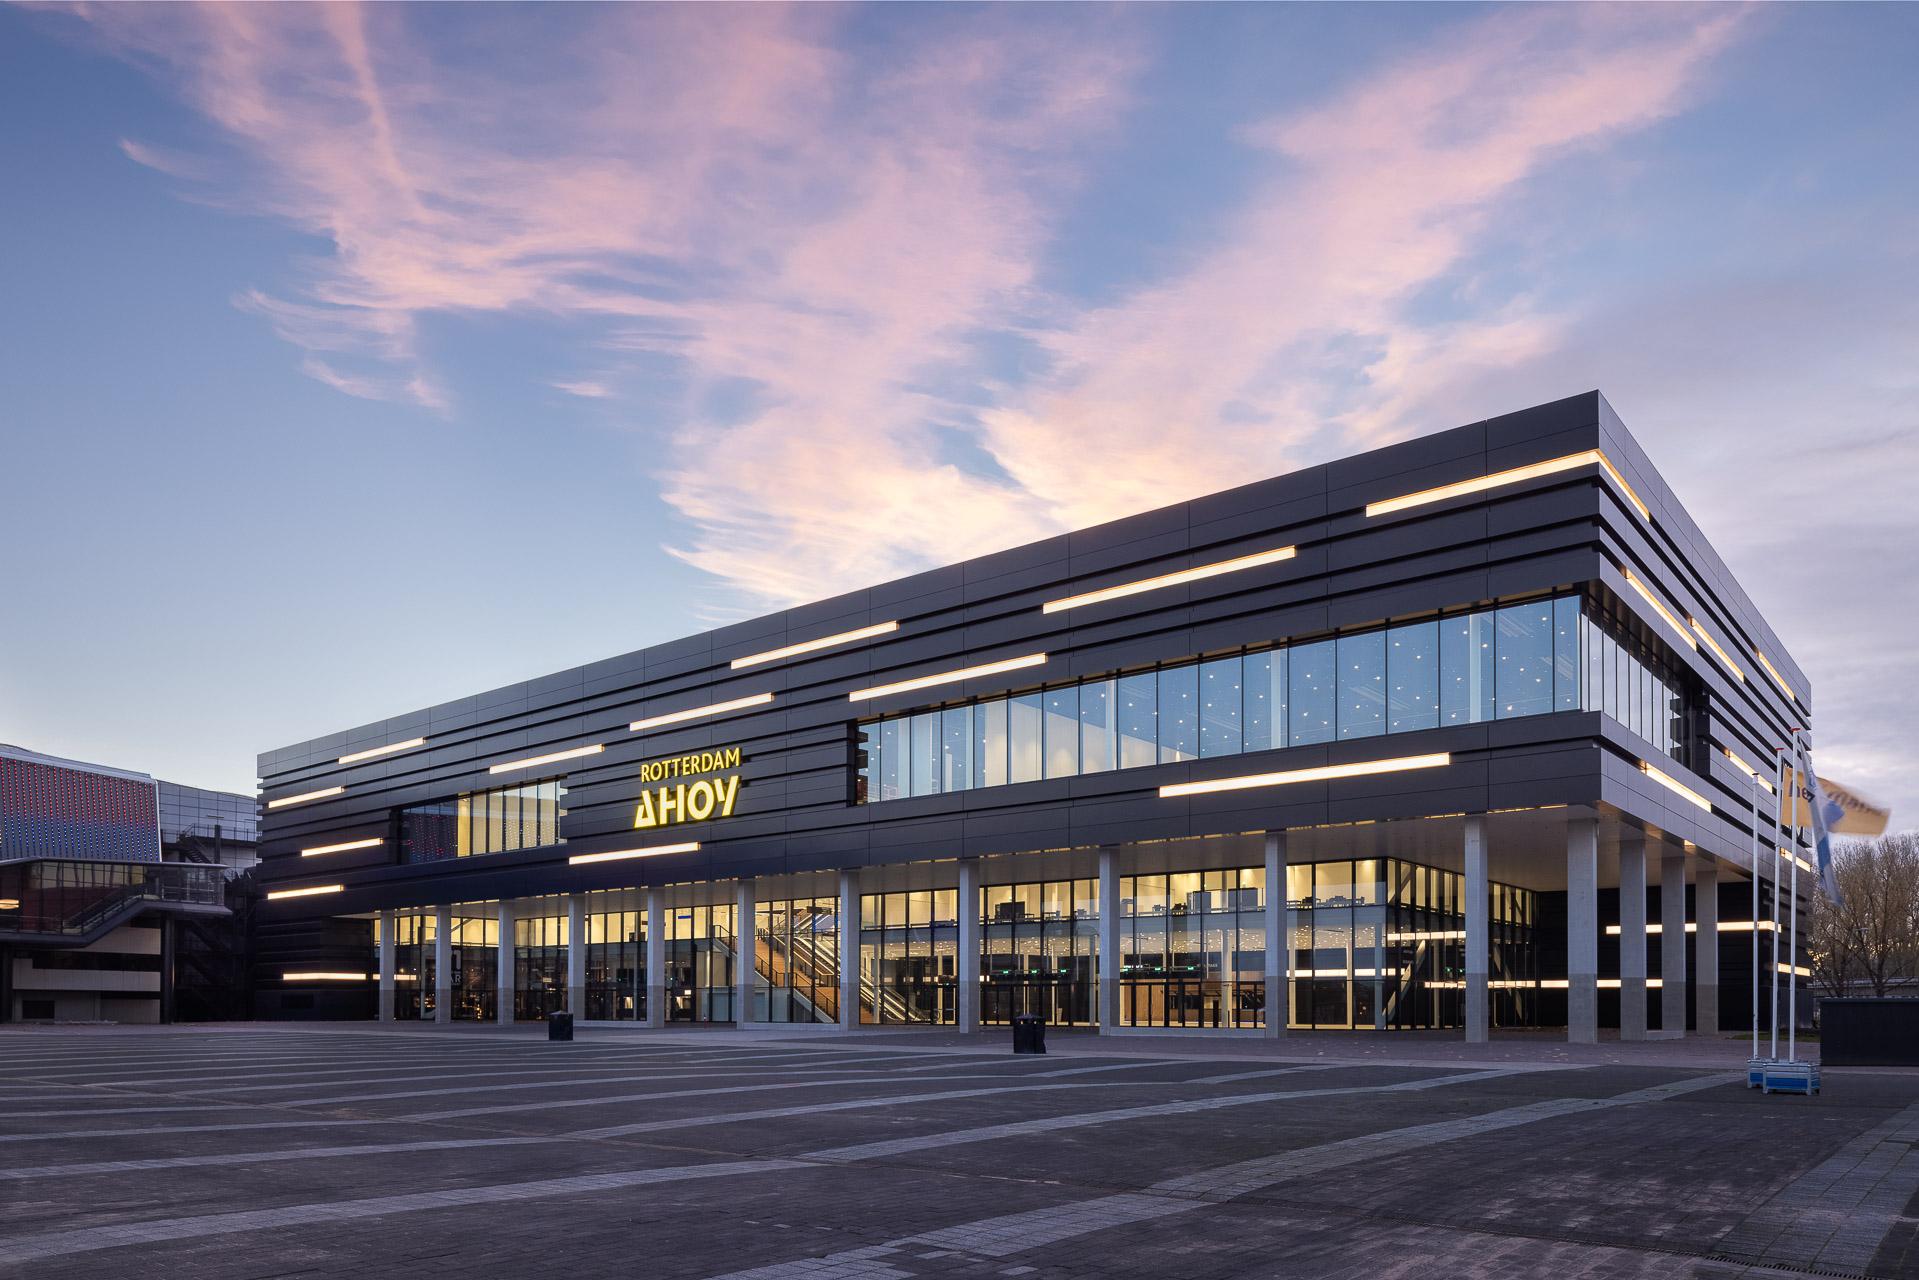 SP2020-Rotterdam-Ahoy-Convention-Centre-Exterieur-14-Architectuur-fotografie